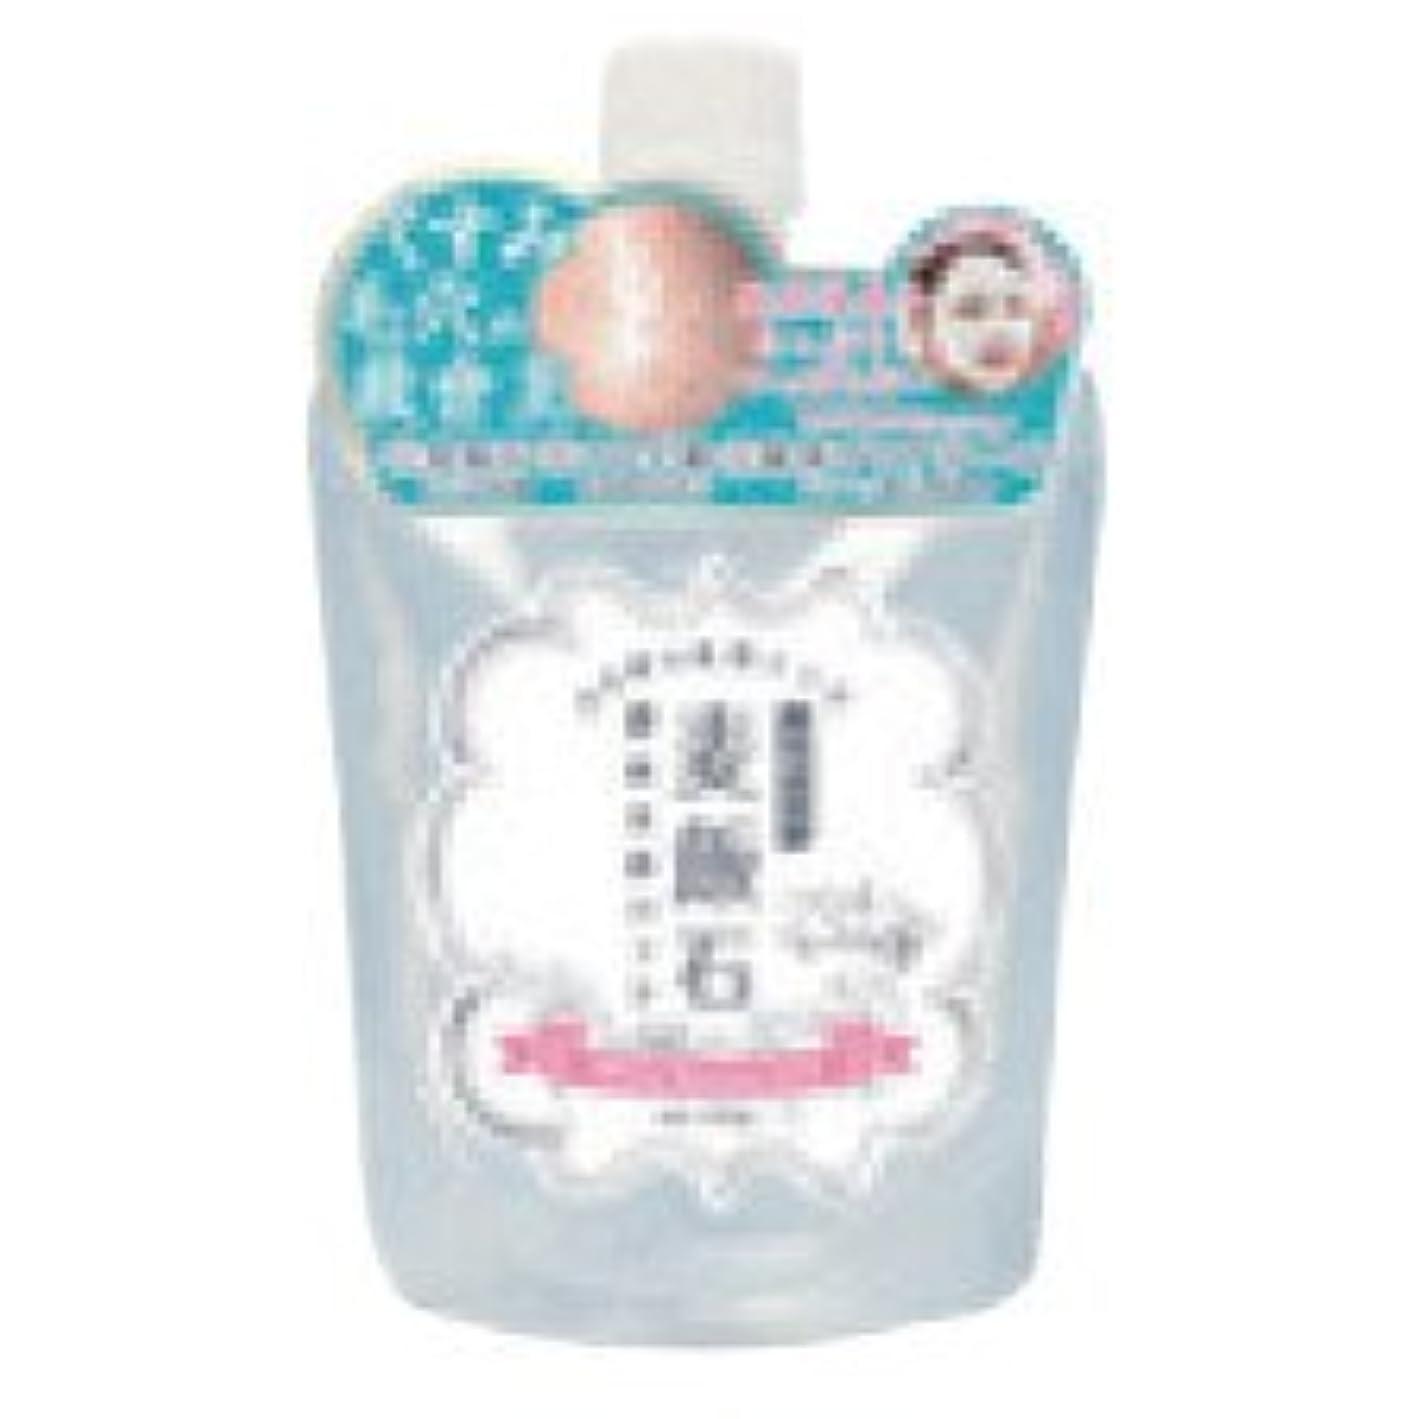 レーザ通り代表団ホワイトムースパック 美濃白川麦飯石酵素洗顔パック 100g 3個セット